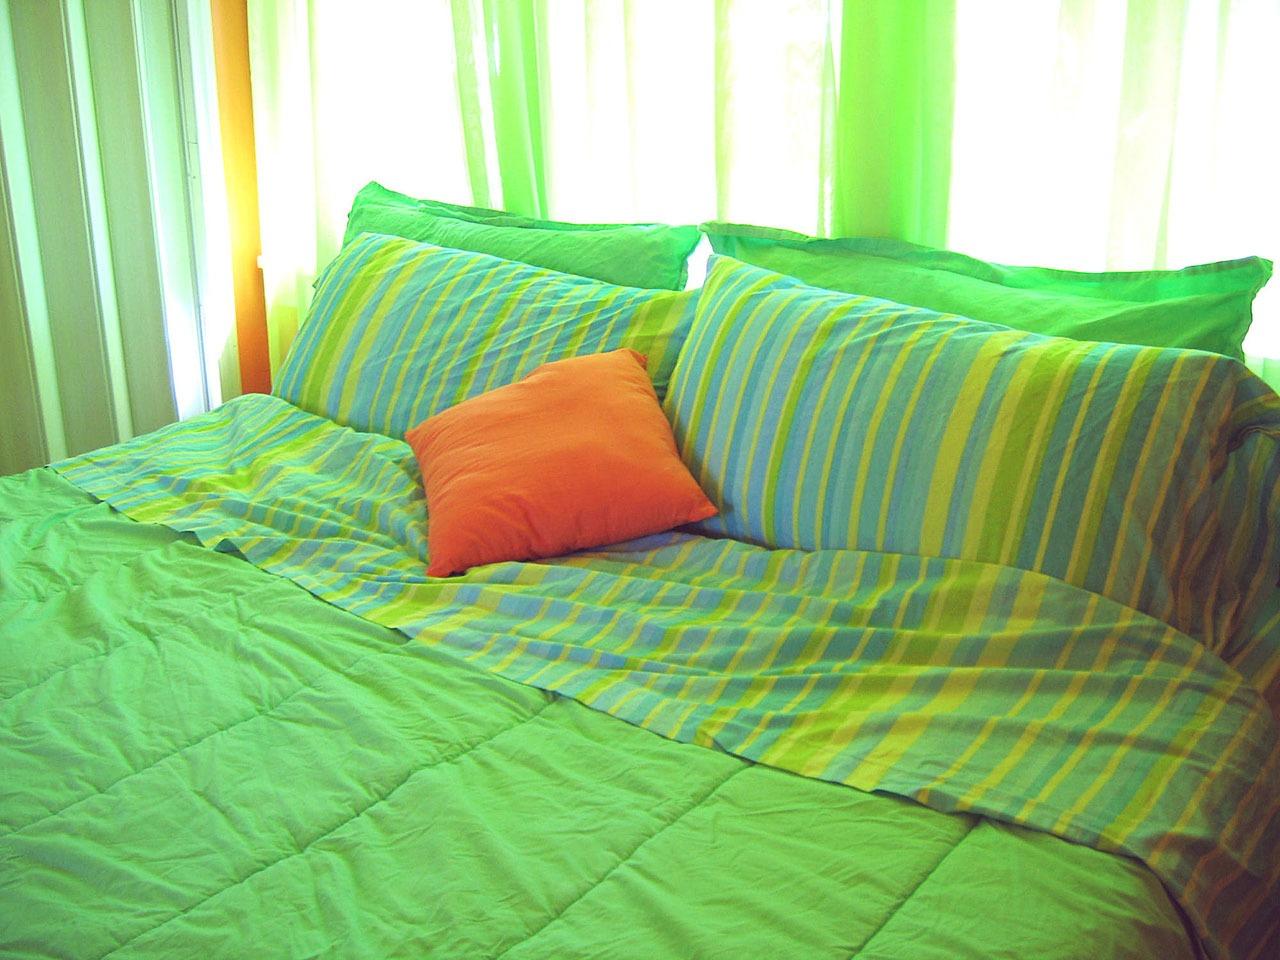 Images Gratuites Maison Vert Meubles Chambre Decor Materiel